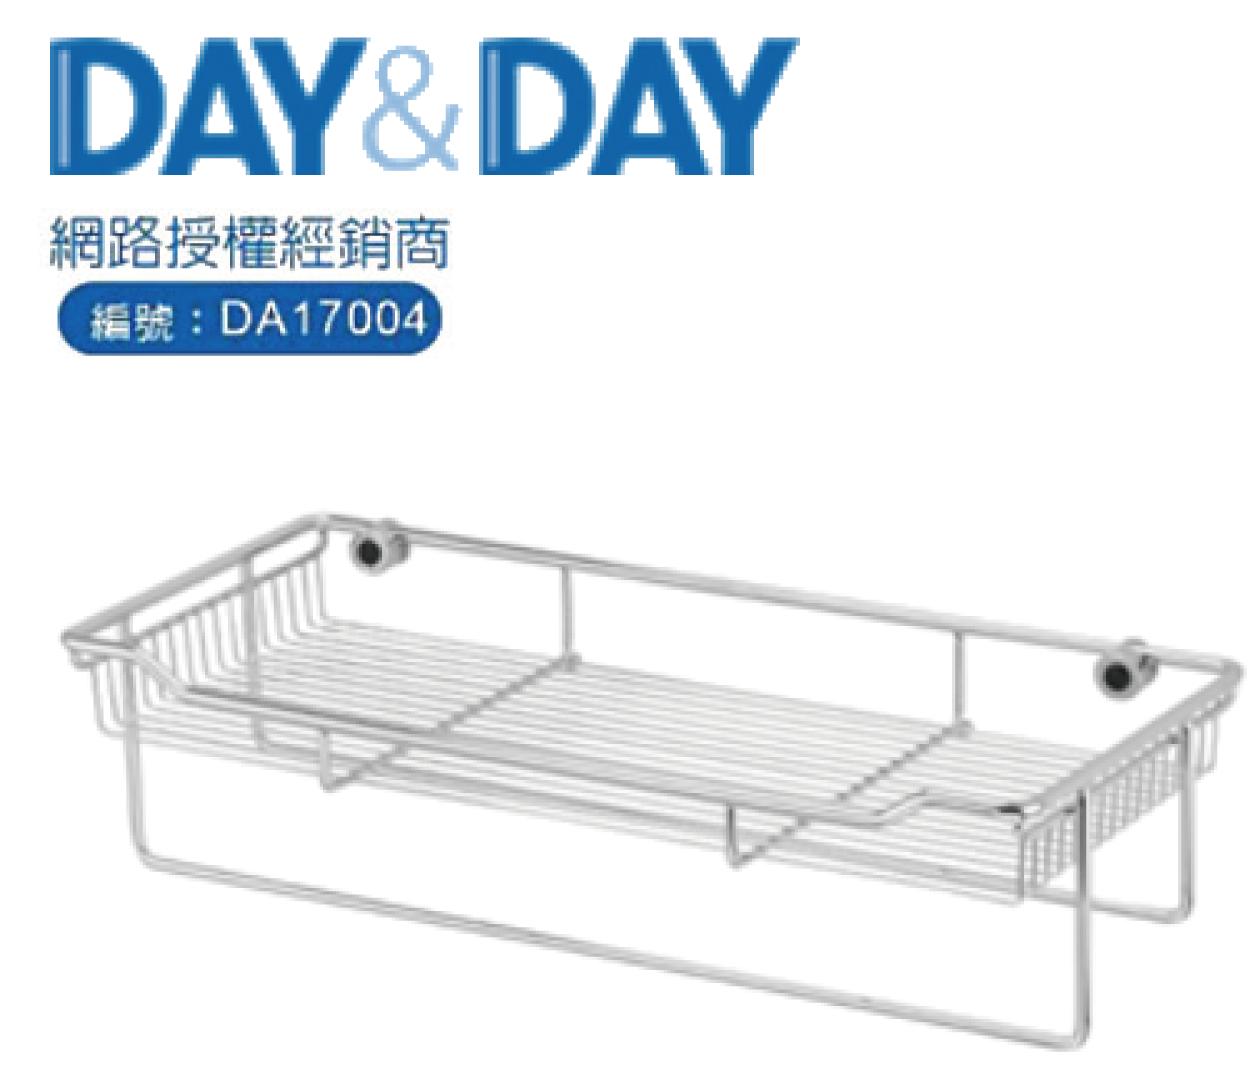 【DAY&DAY】304不鏽鋼 毛巾及多功能架 雙稈毛巾架 置衣架 放衣架(ST2298S)